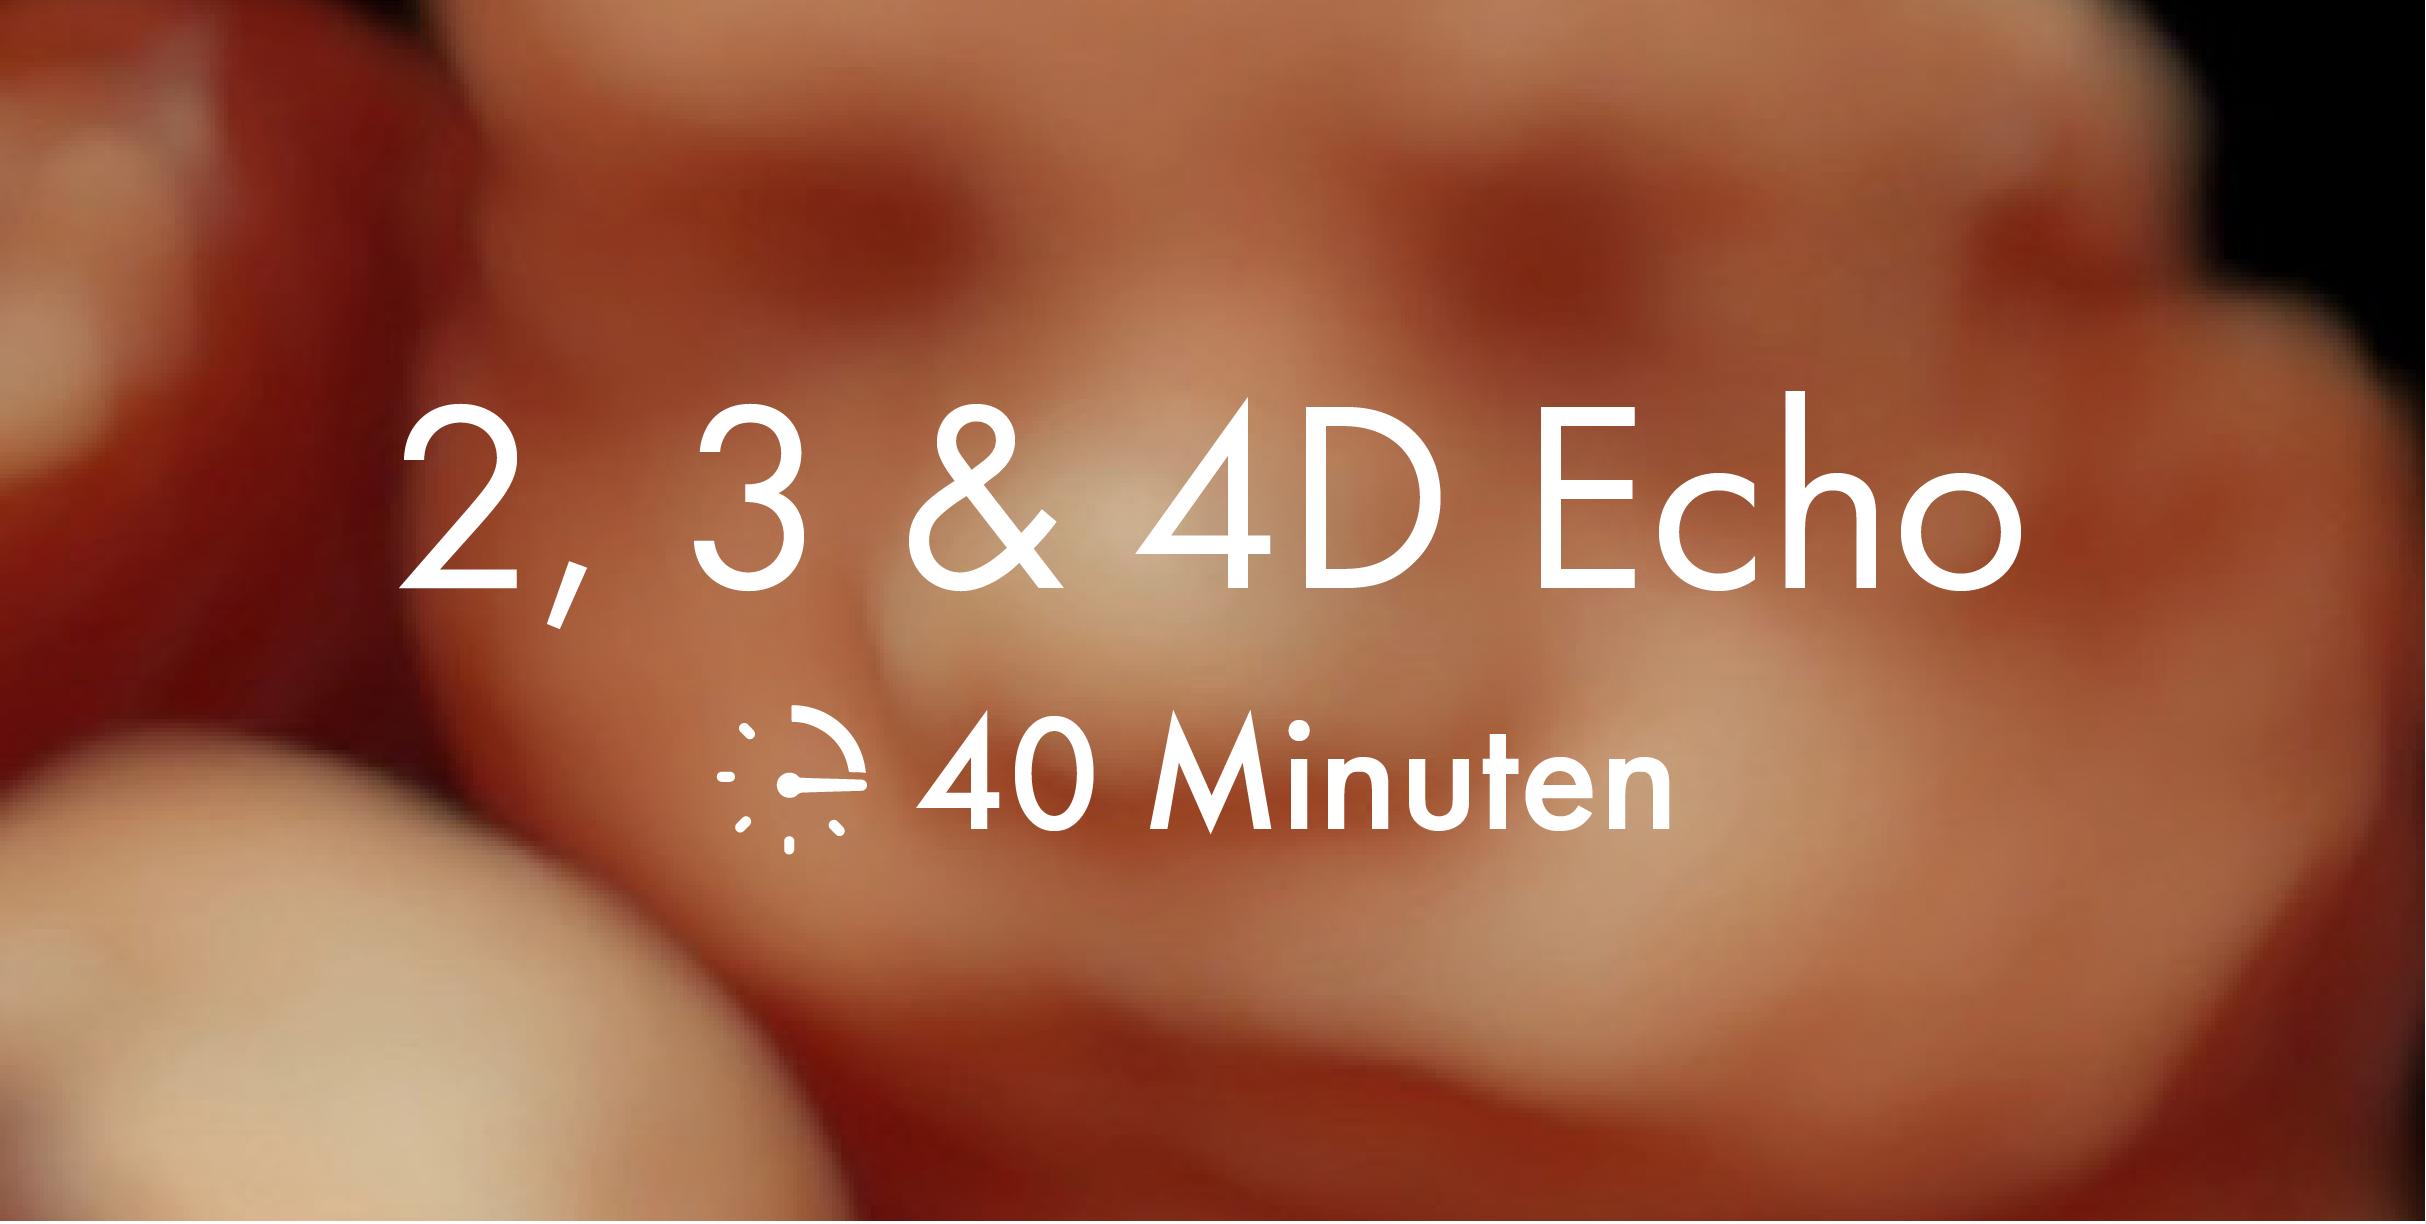 2, 3 en 4D echo, 40 minuten